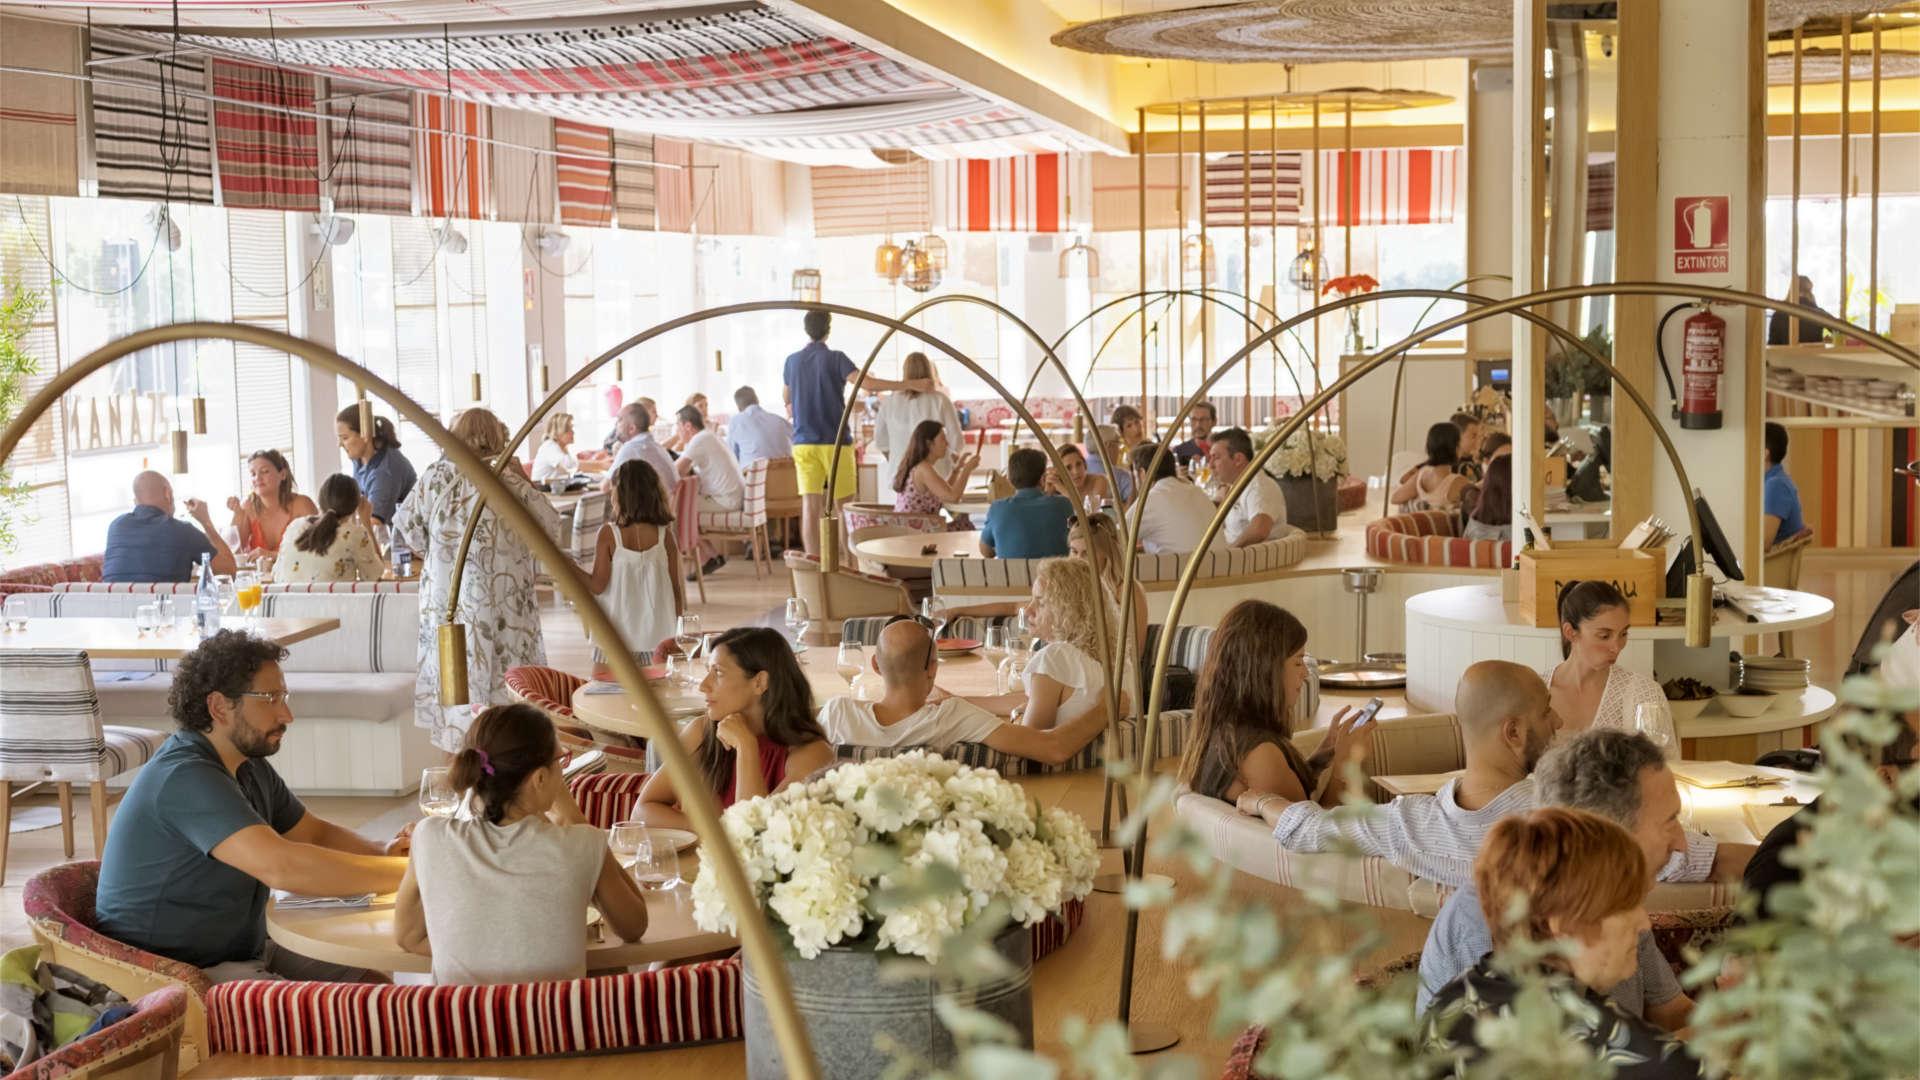 Interior del restaurante de Paella en Barcelona - Mana 75